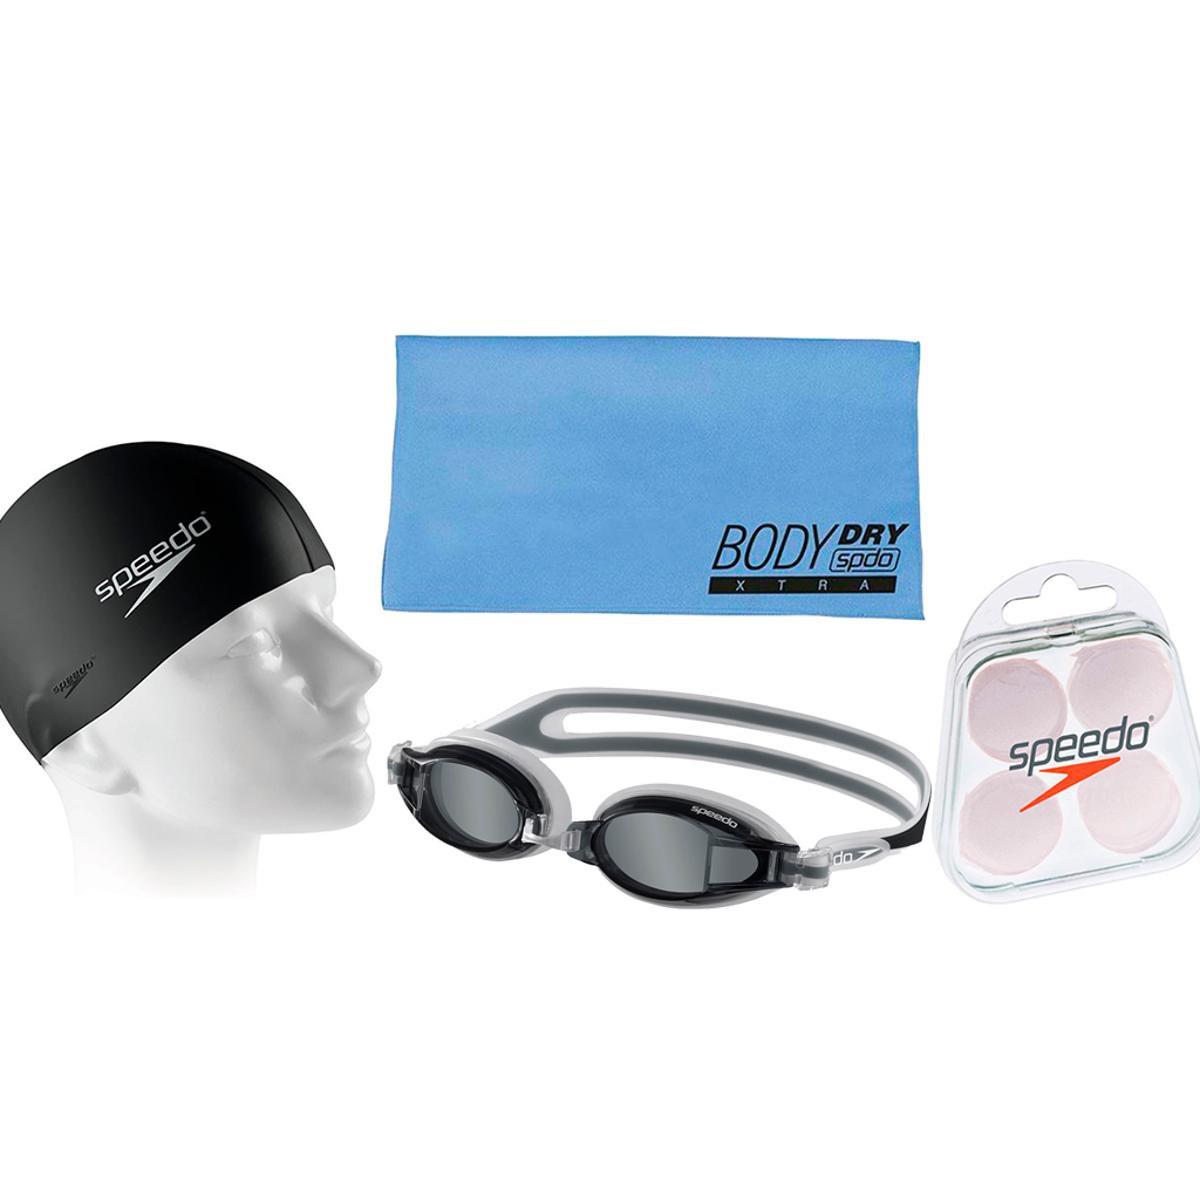 Kit Natação com Óculos Speedo Fox + Toalha + Protetor + Touca - Compre  Agora  735f44a0a7e